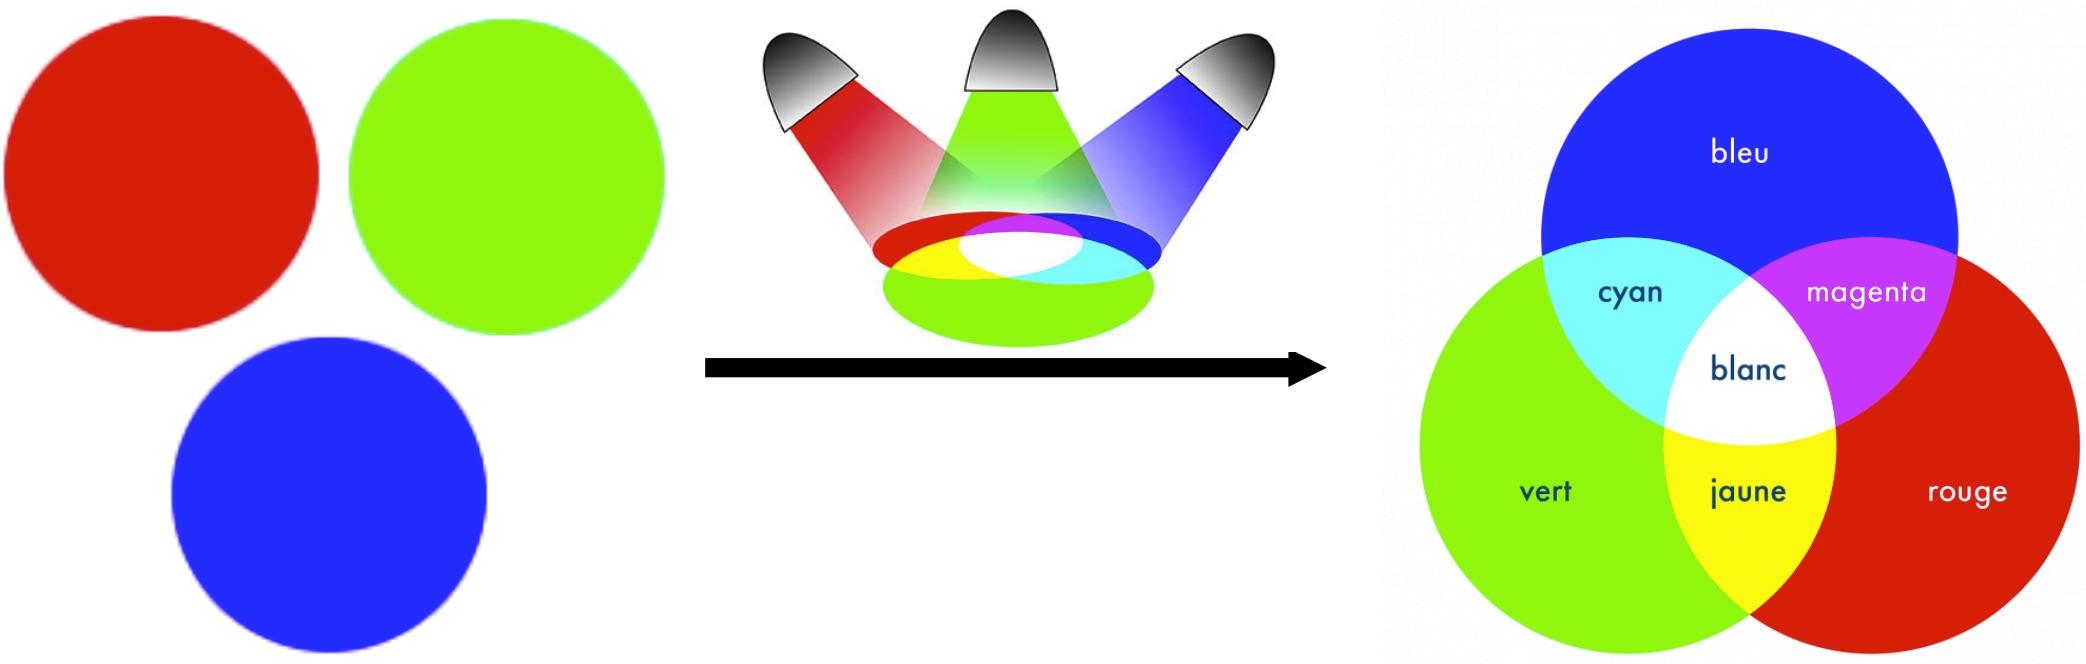 Synthèse additive : des lumières de base (couleurs primaires) s'ajoutent pour former les différentes couleurs